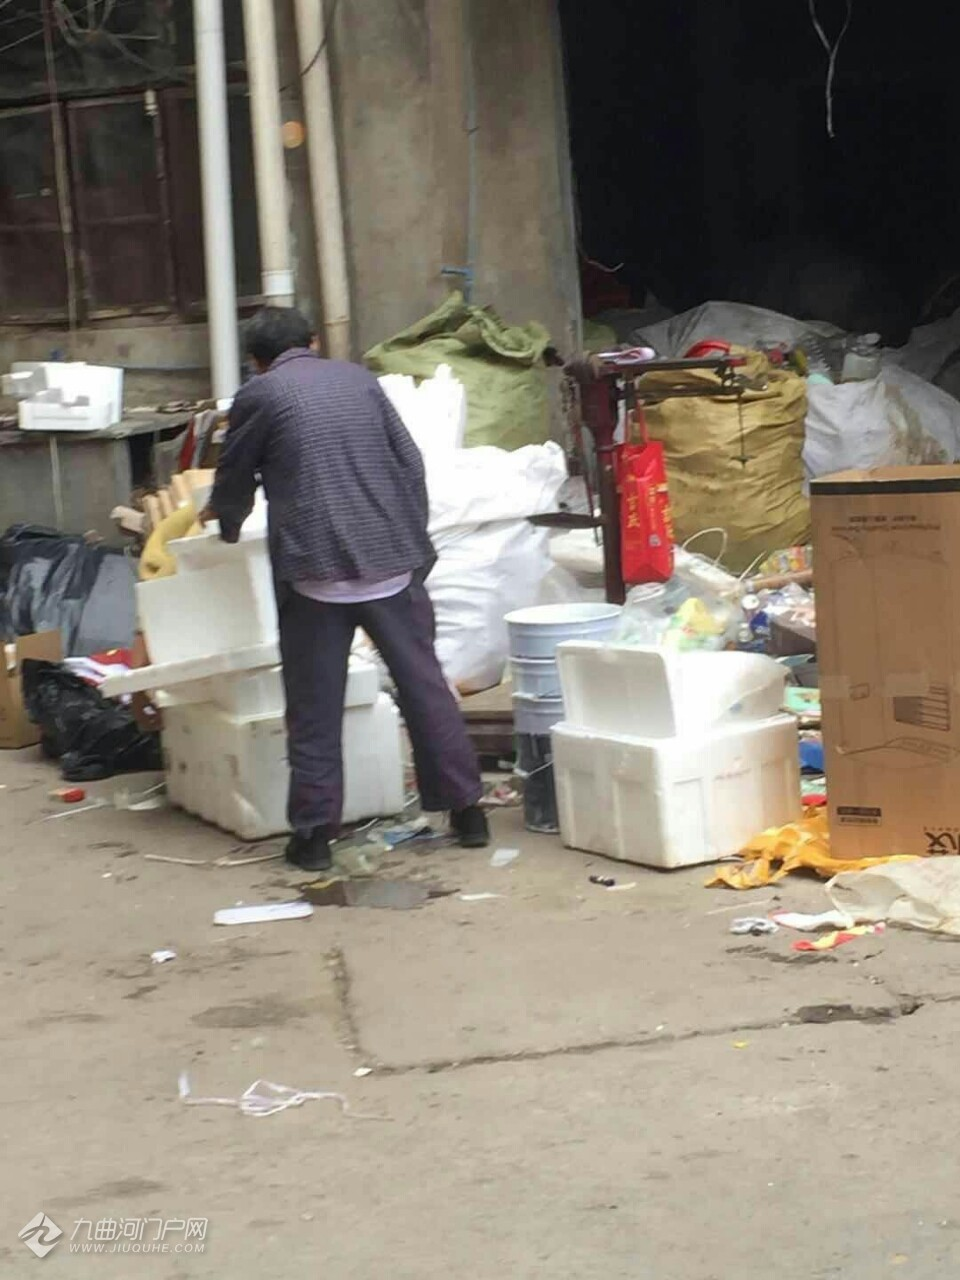 (已转至相关部门)资阳建设西路这边的老居民楼脏乱差,简直成了市中心的垃圾库!